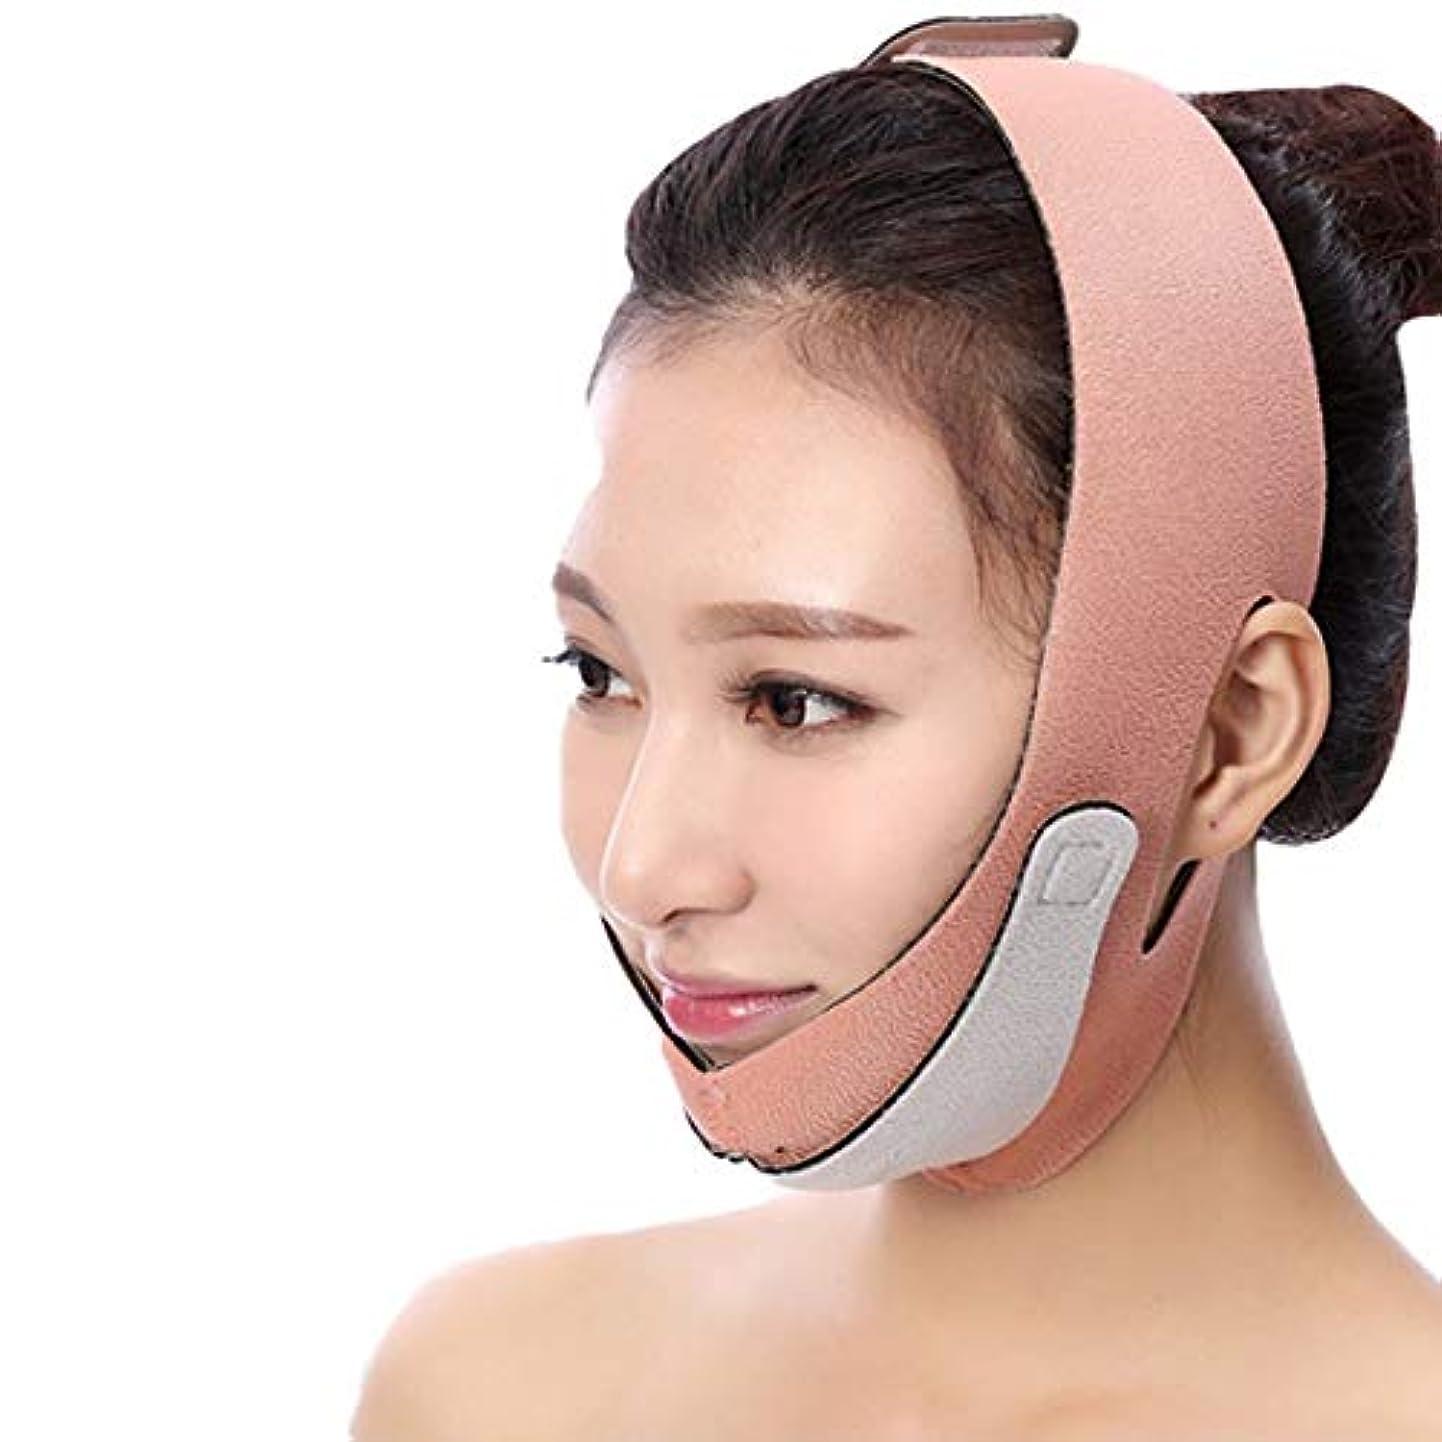 田舎偽善者扱うZWBD フェイスマスク, 調節可能なVのラインライン包帯の顔の二重あごの減量の包帯が付いている表面持ち上がる包帯の顔の細くのマスクの持ち上がる表面